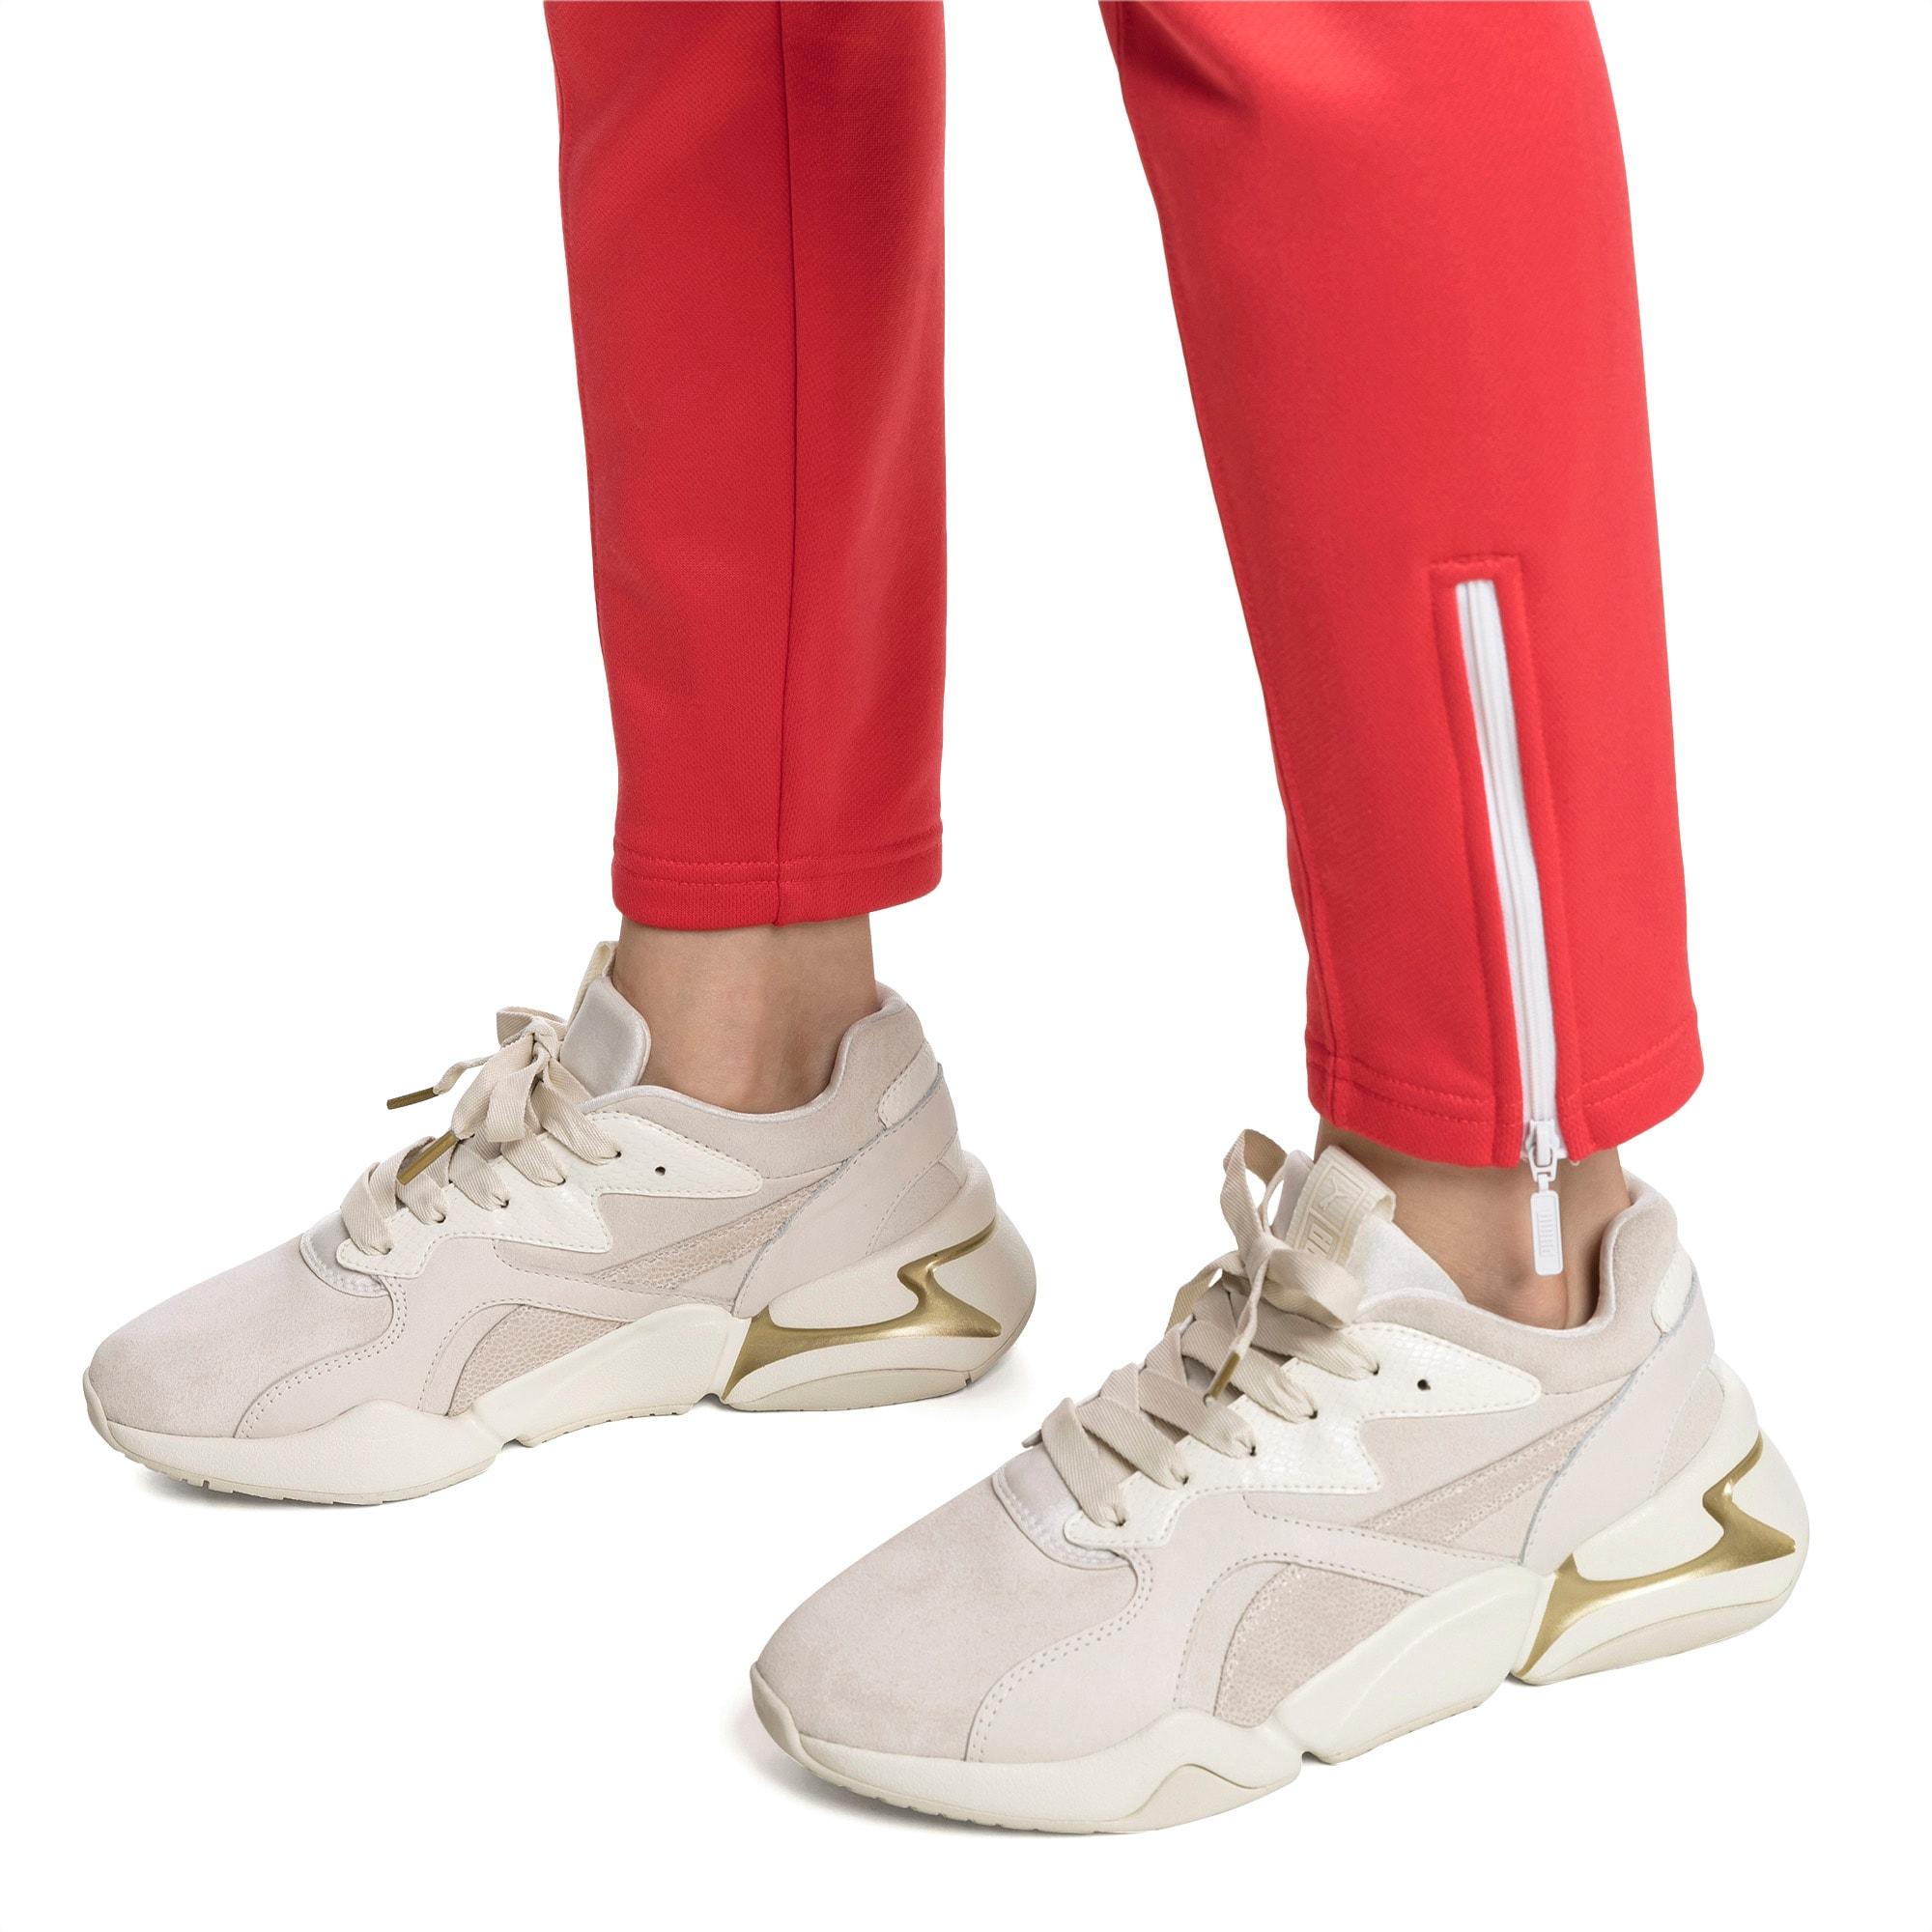 Nova Pastel Grunge Women's Sneakers